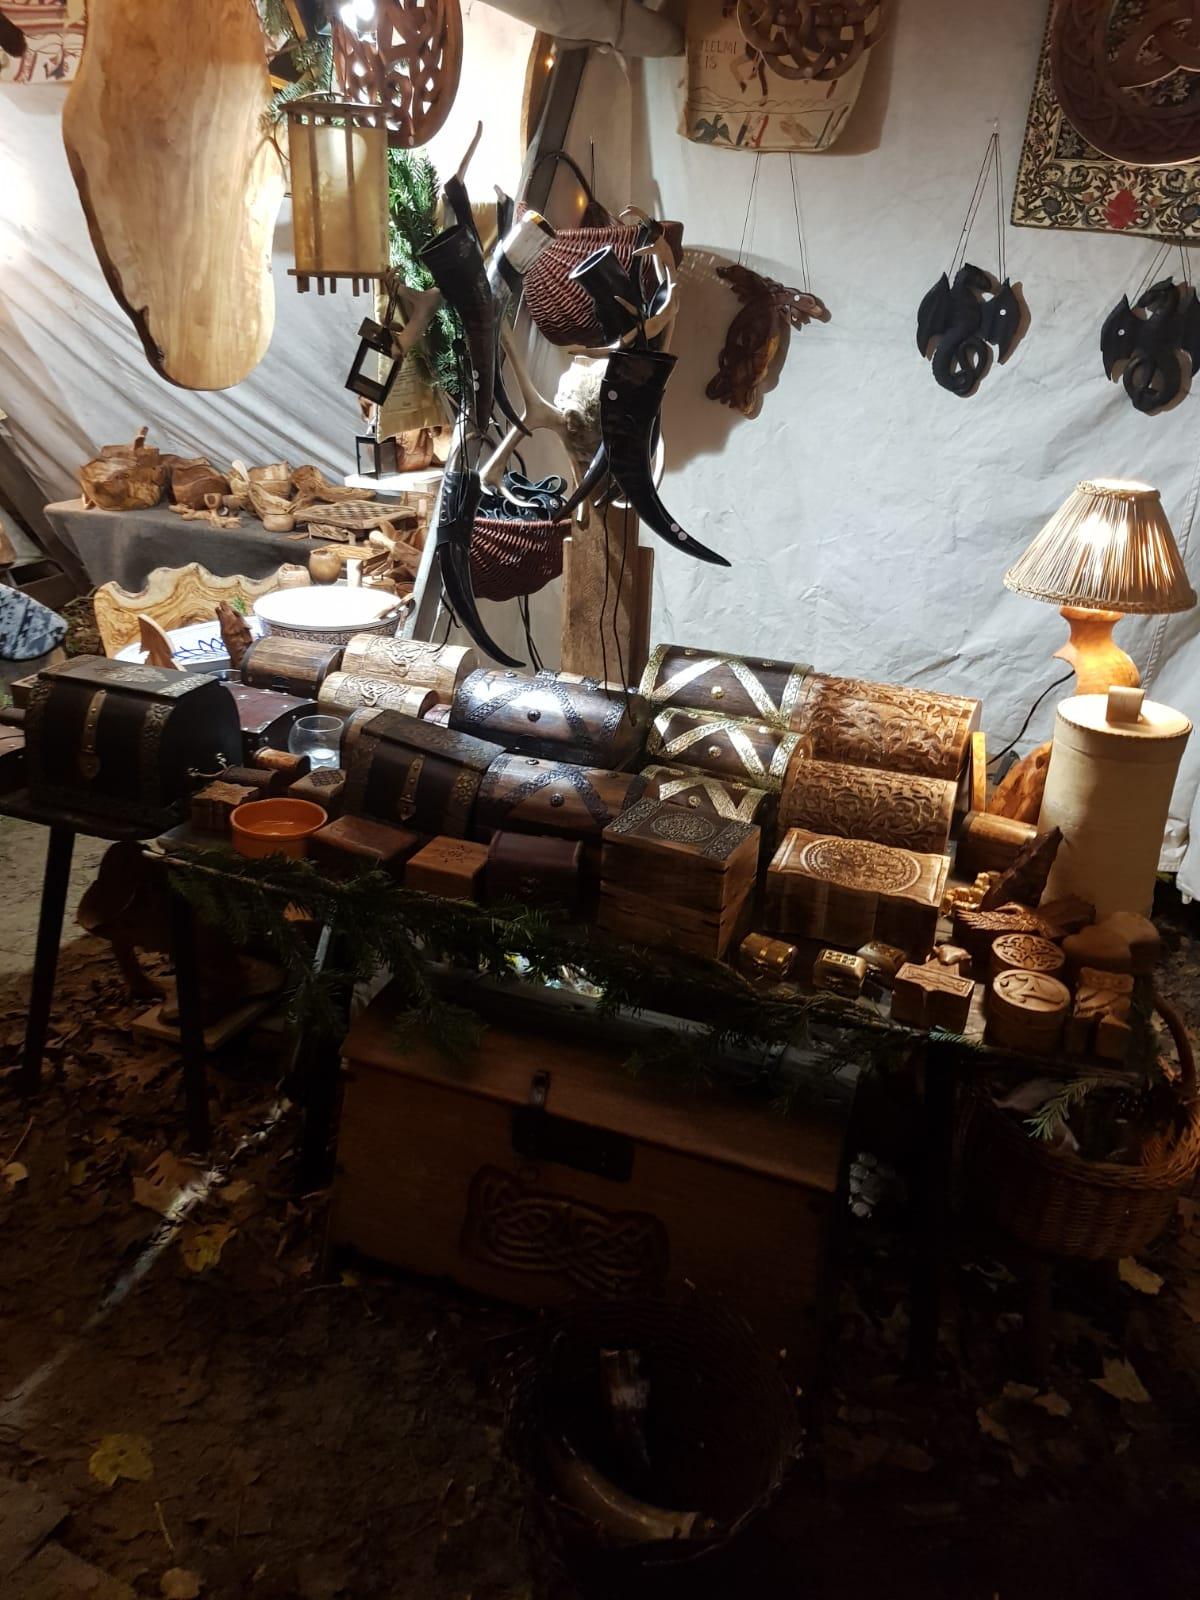 Das Bild zeigt Waren auf dem Phantastischen Lichter Weihnachtsmarkt